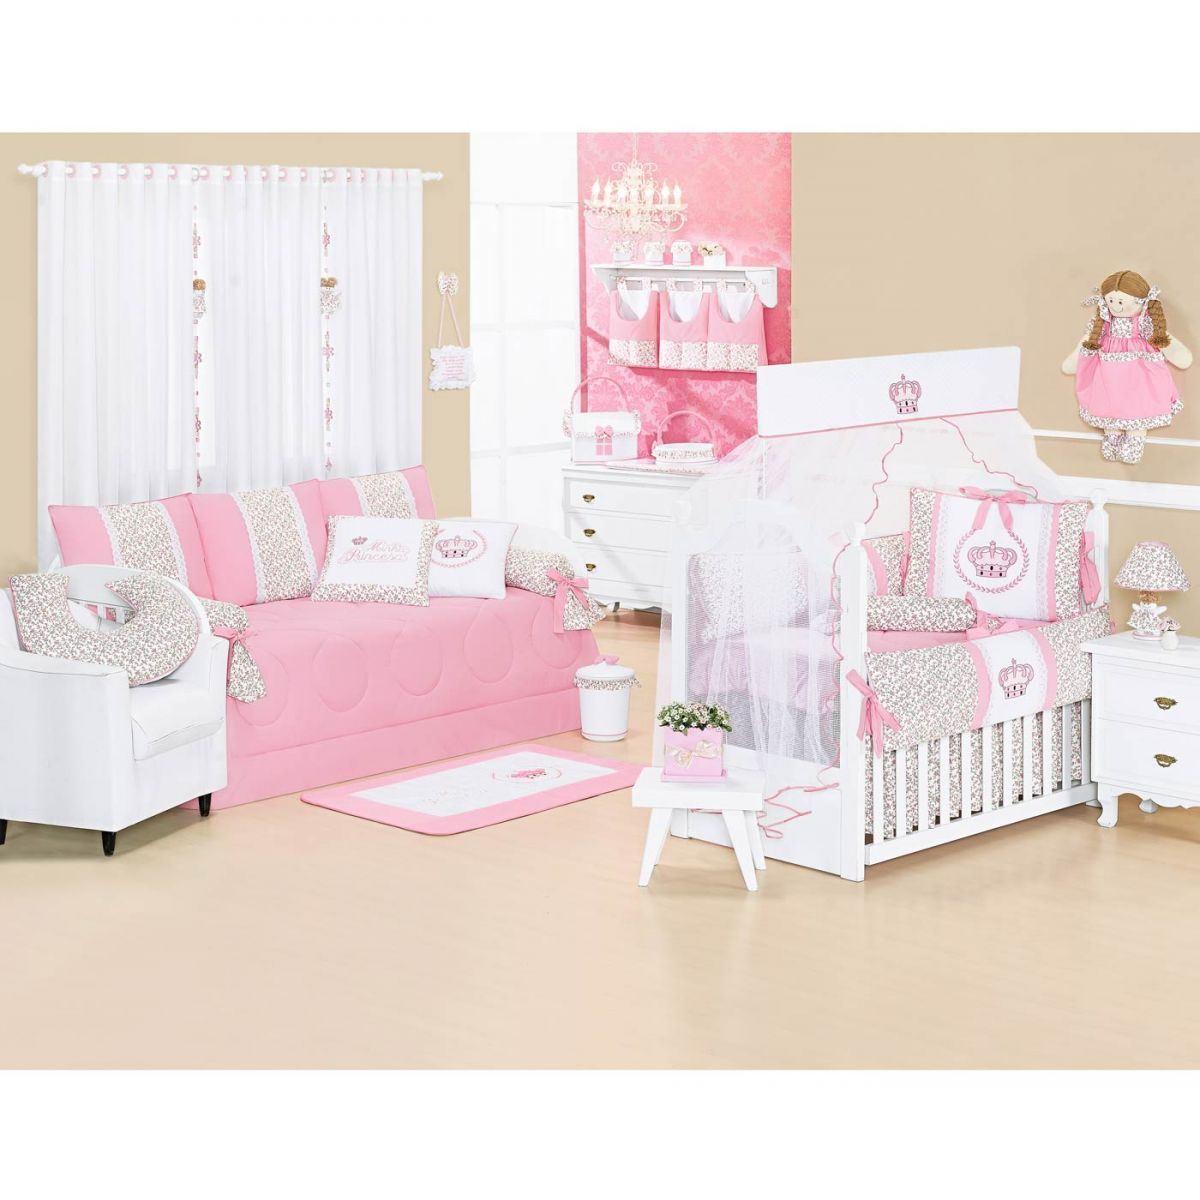 Cortina p/ Quarto de Bebê 2 Metros - Coleção Princesinha Baby Rosa